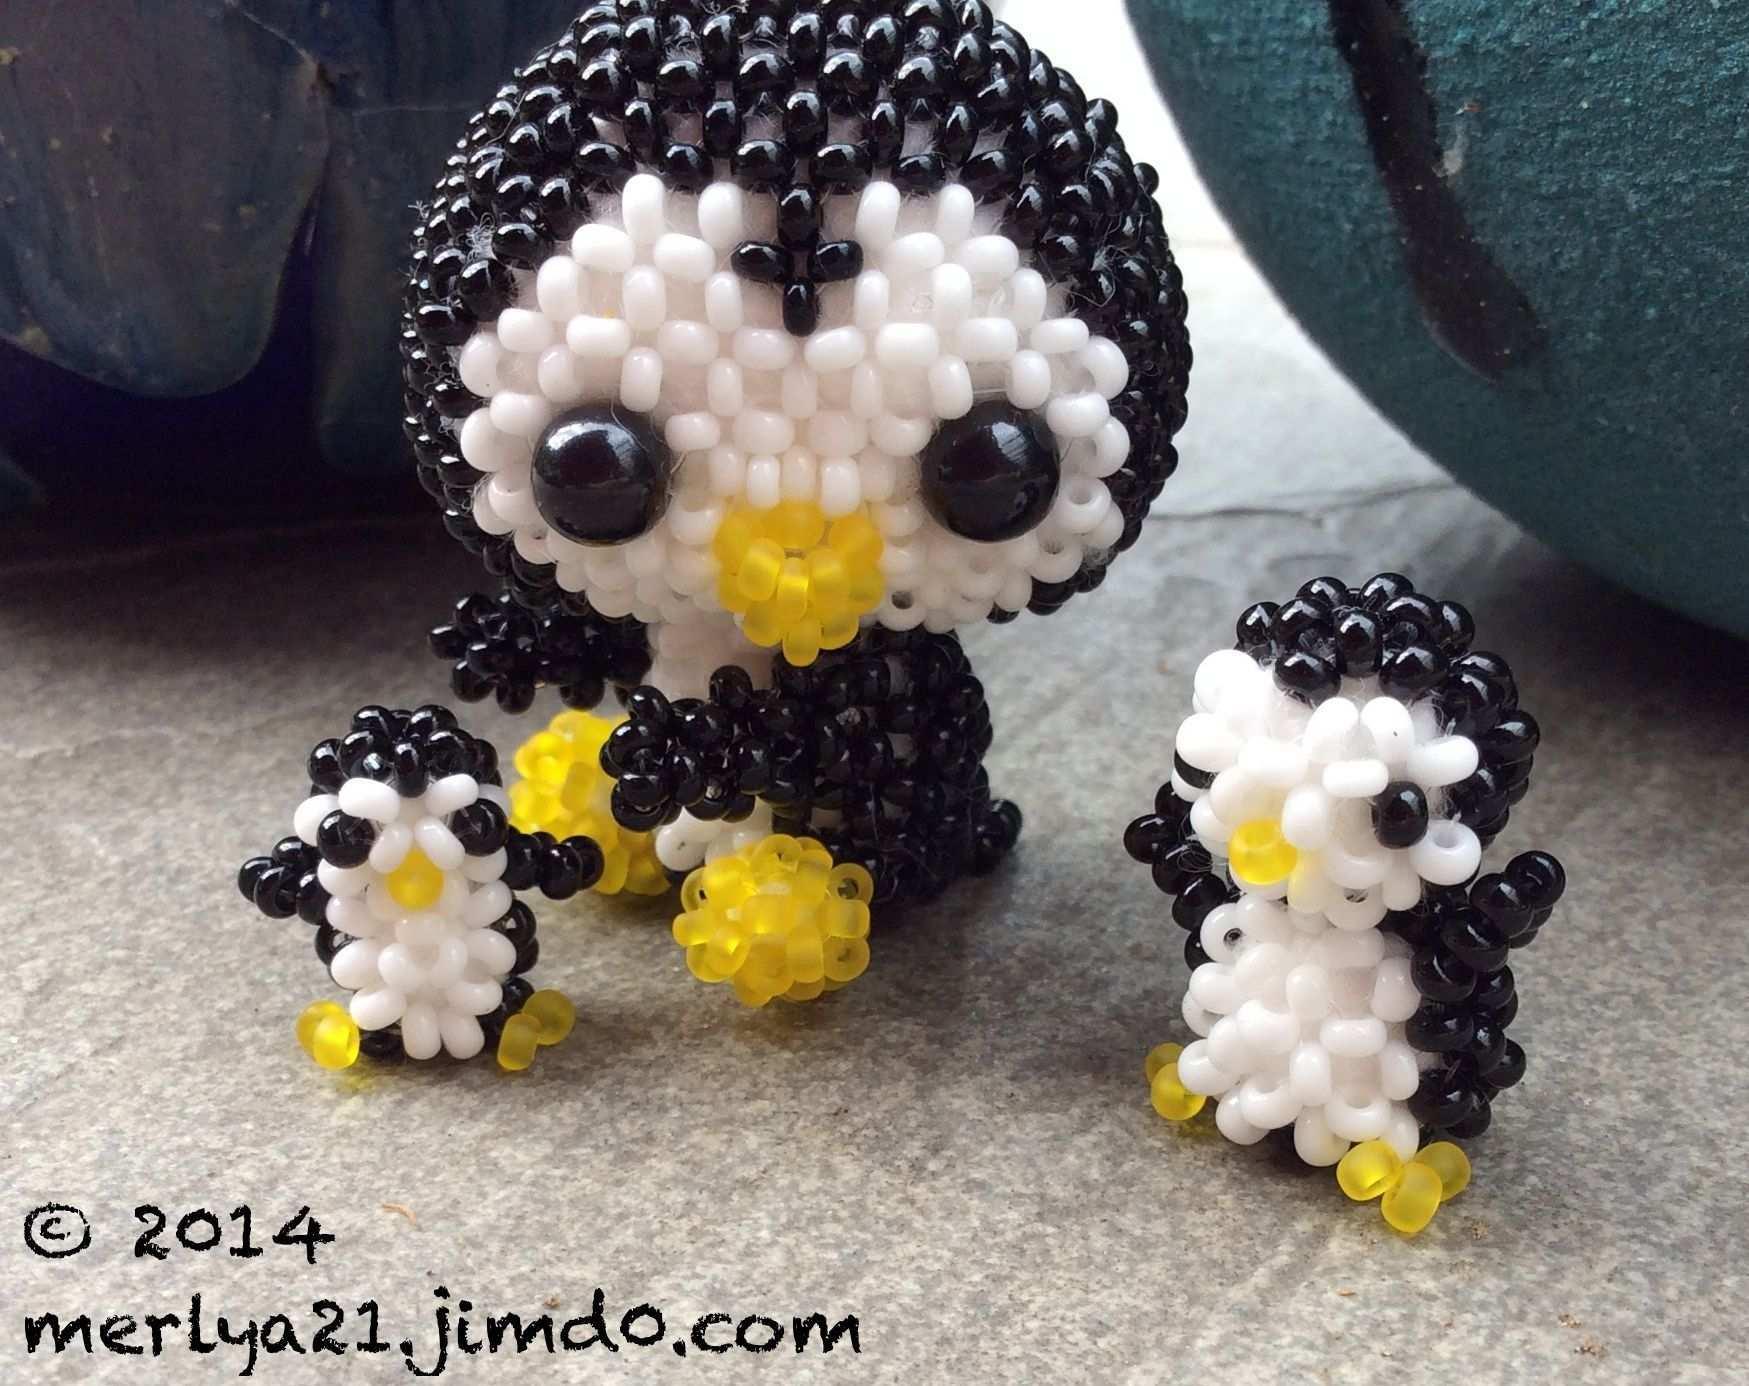 Pinguin Trio Anleitungen Aus Japanische Mini Perlentiere 1 Und 2 Und Perlen Sweeties Perlentiere Perlenkunst Perlen Kreuz